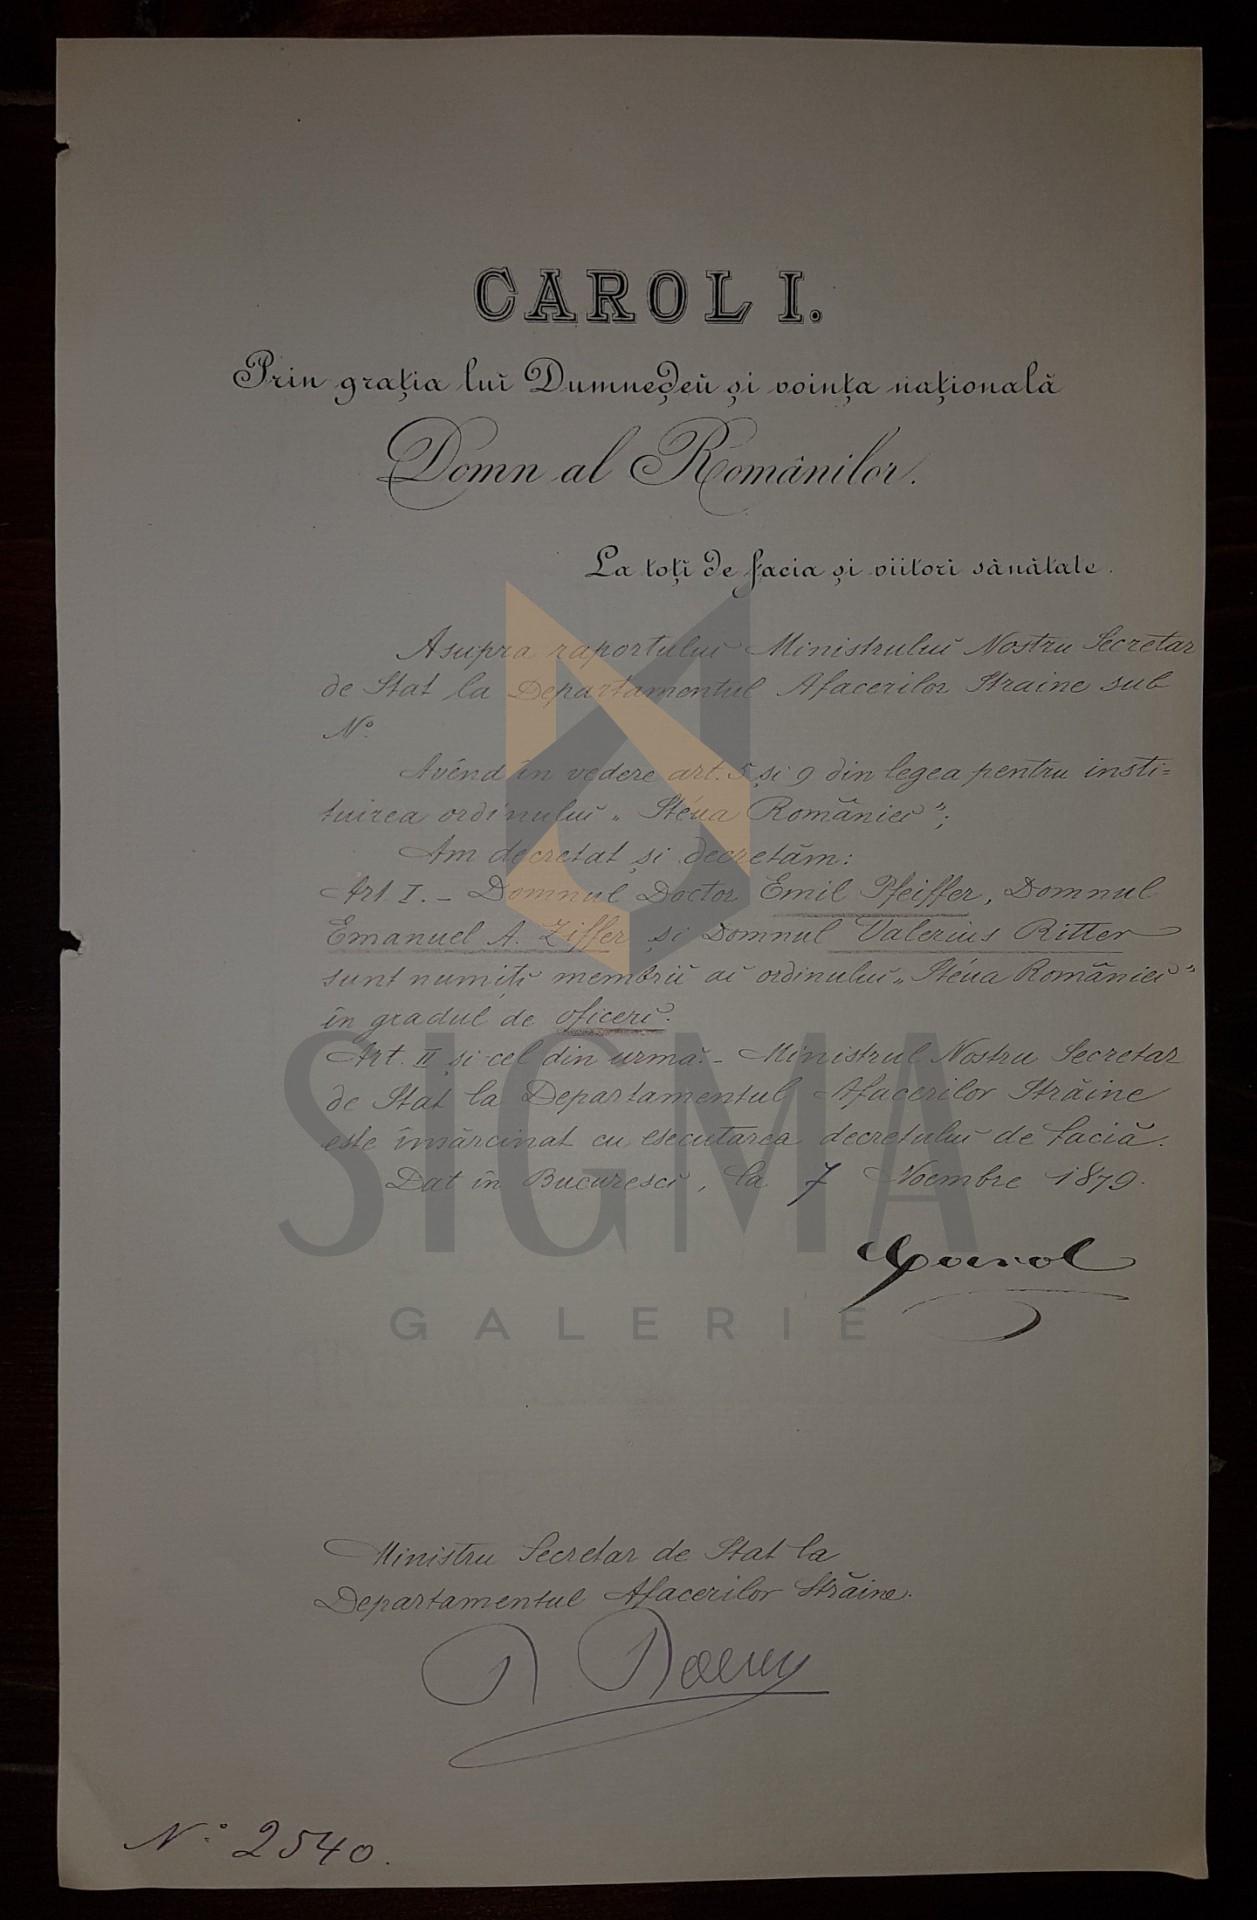 REGELE CAROL I SI VASILE BOERESCU, DOCUMENT DE CANCELARIE, SEMNATURI ORIGINALE!!!, 1879